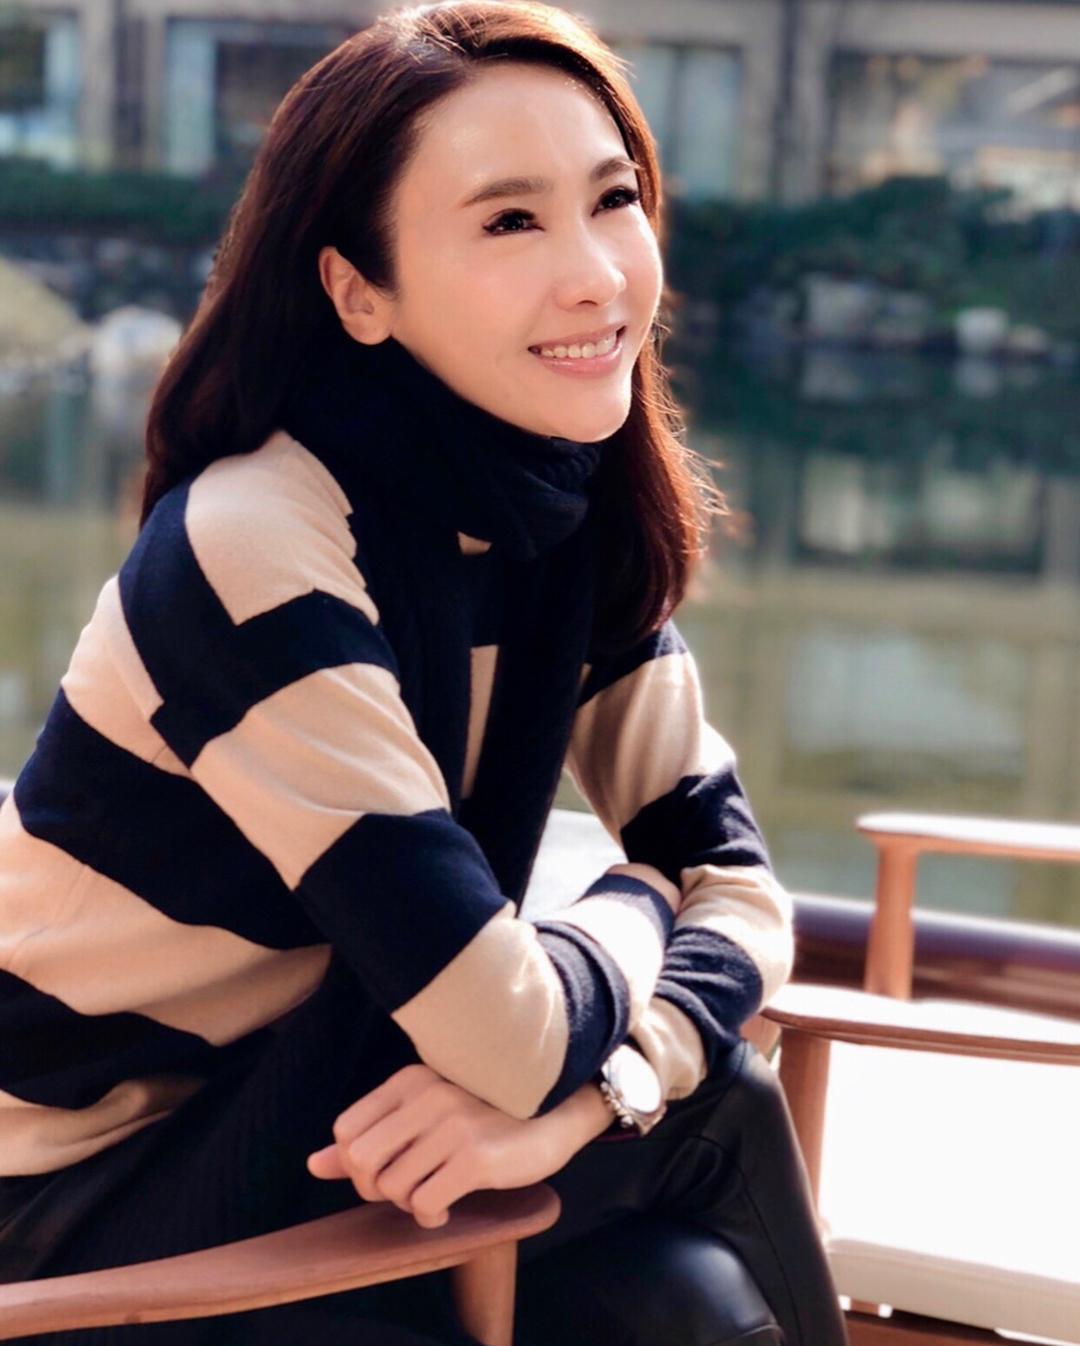 """""""Đệ nhất mỹ nhân TVB"""" bật mí thời điểm không được uống nước để da dẻ mịn màng, tươi trẻ: Bí mật nhan sắc tuổi 49 nằm hết ở đây - Ảnh 5."""